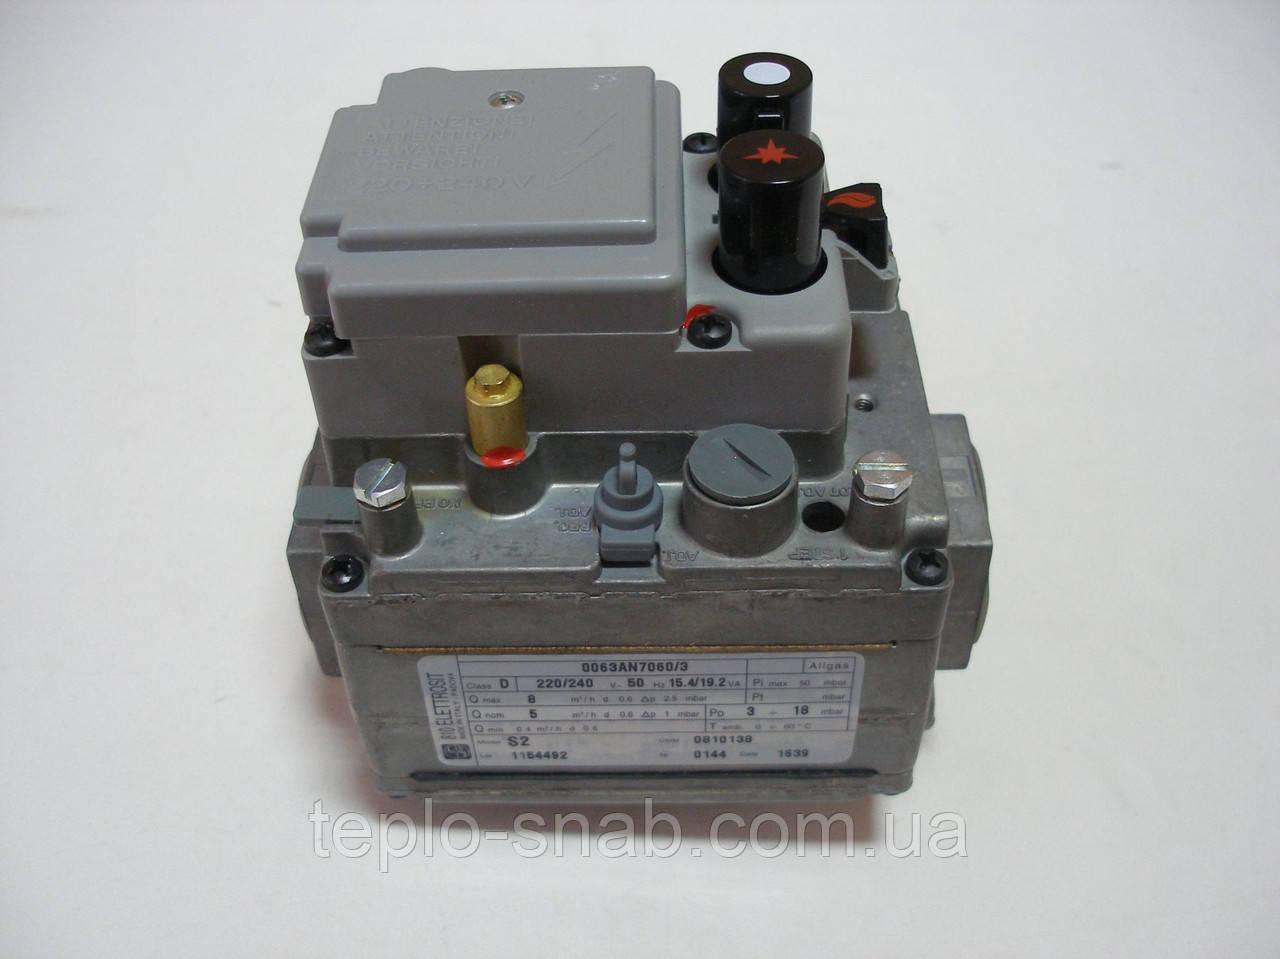 Газовый клапан 810 ELETTROSIT энергонезависимый - .0.810.138